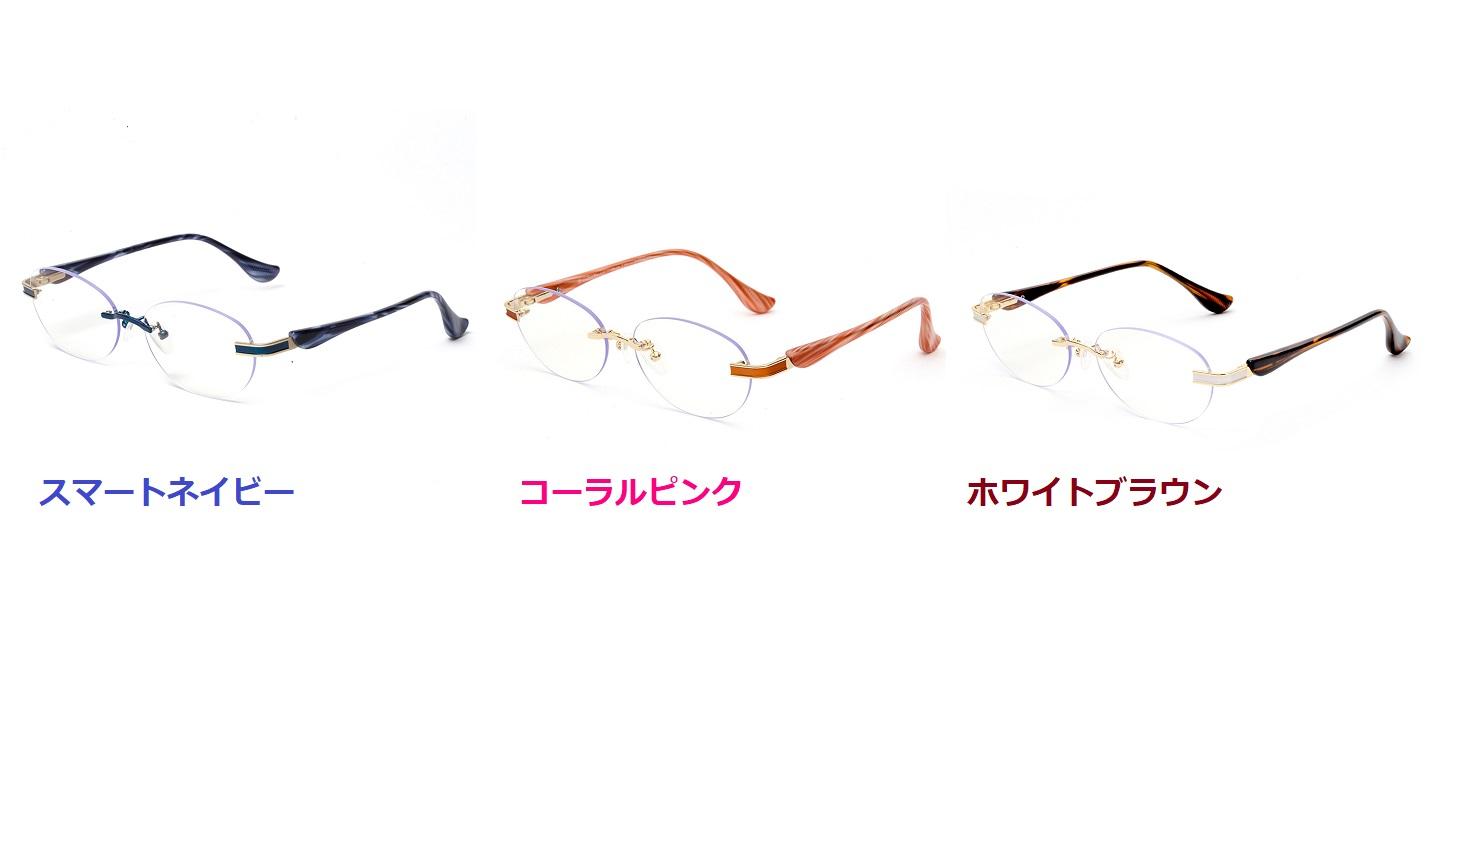 高機能メガネ3色展開